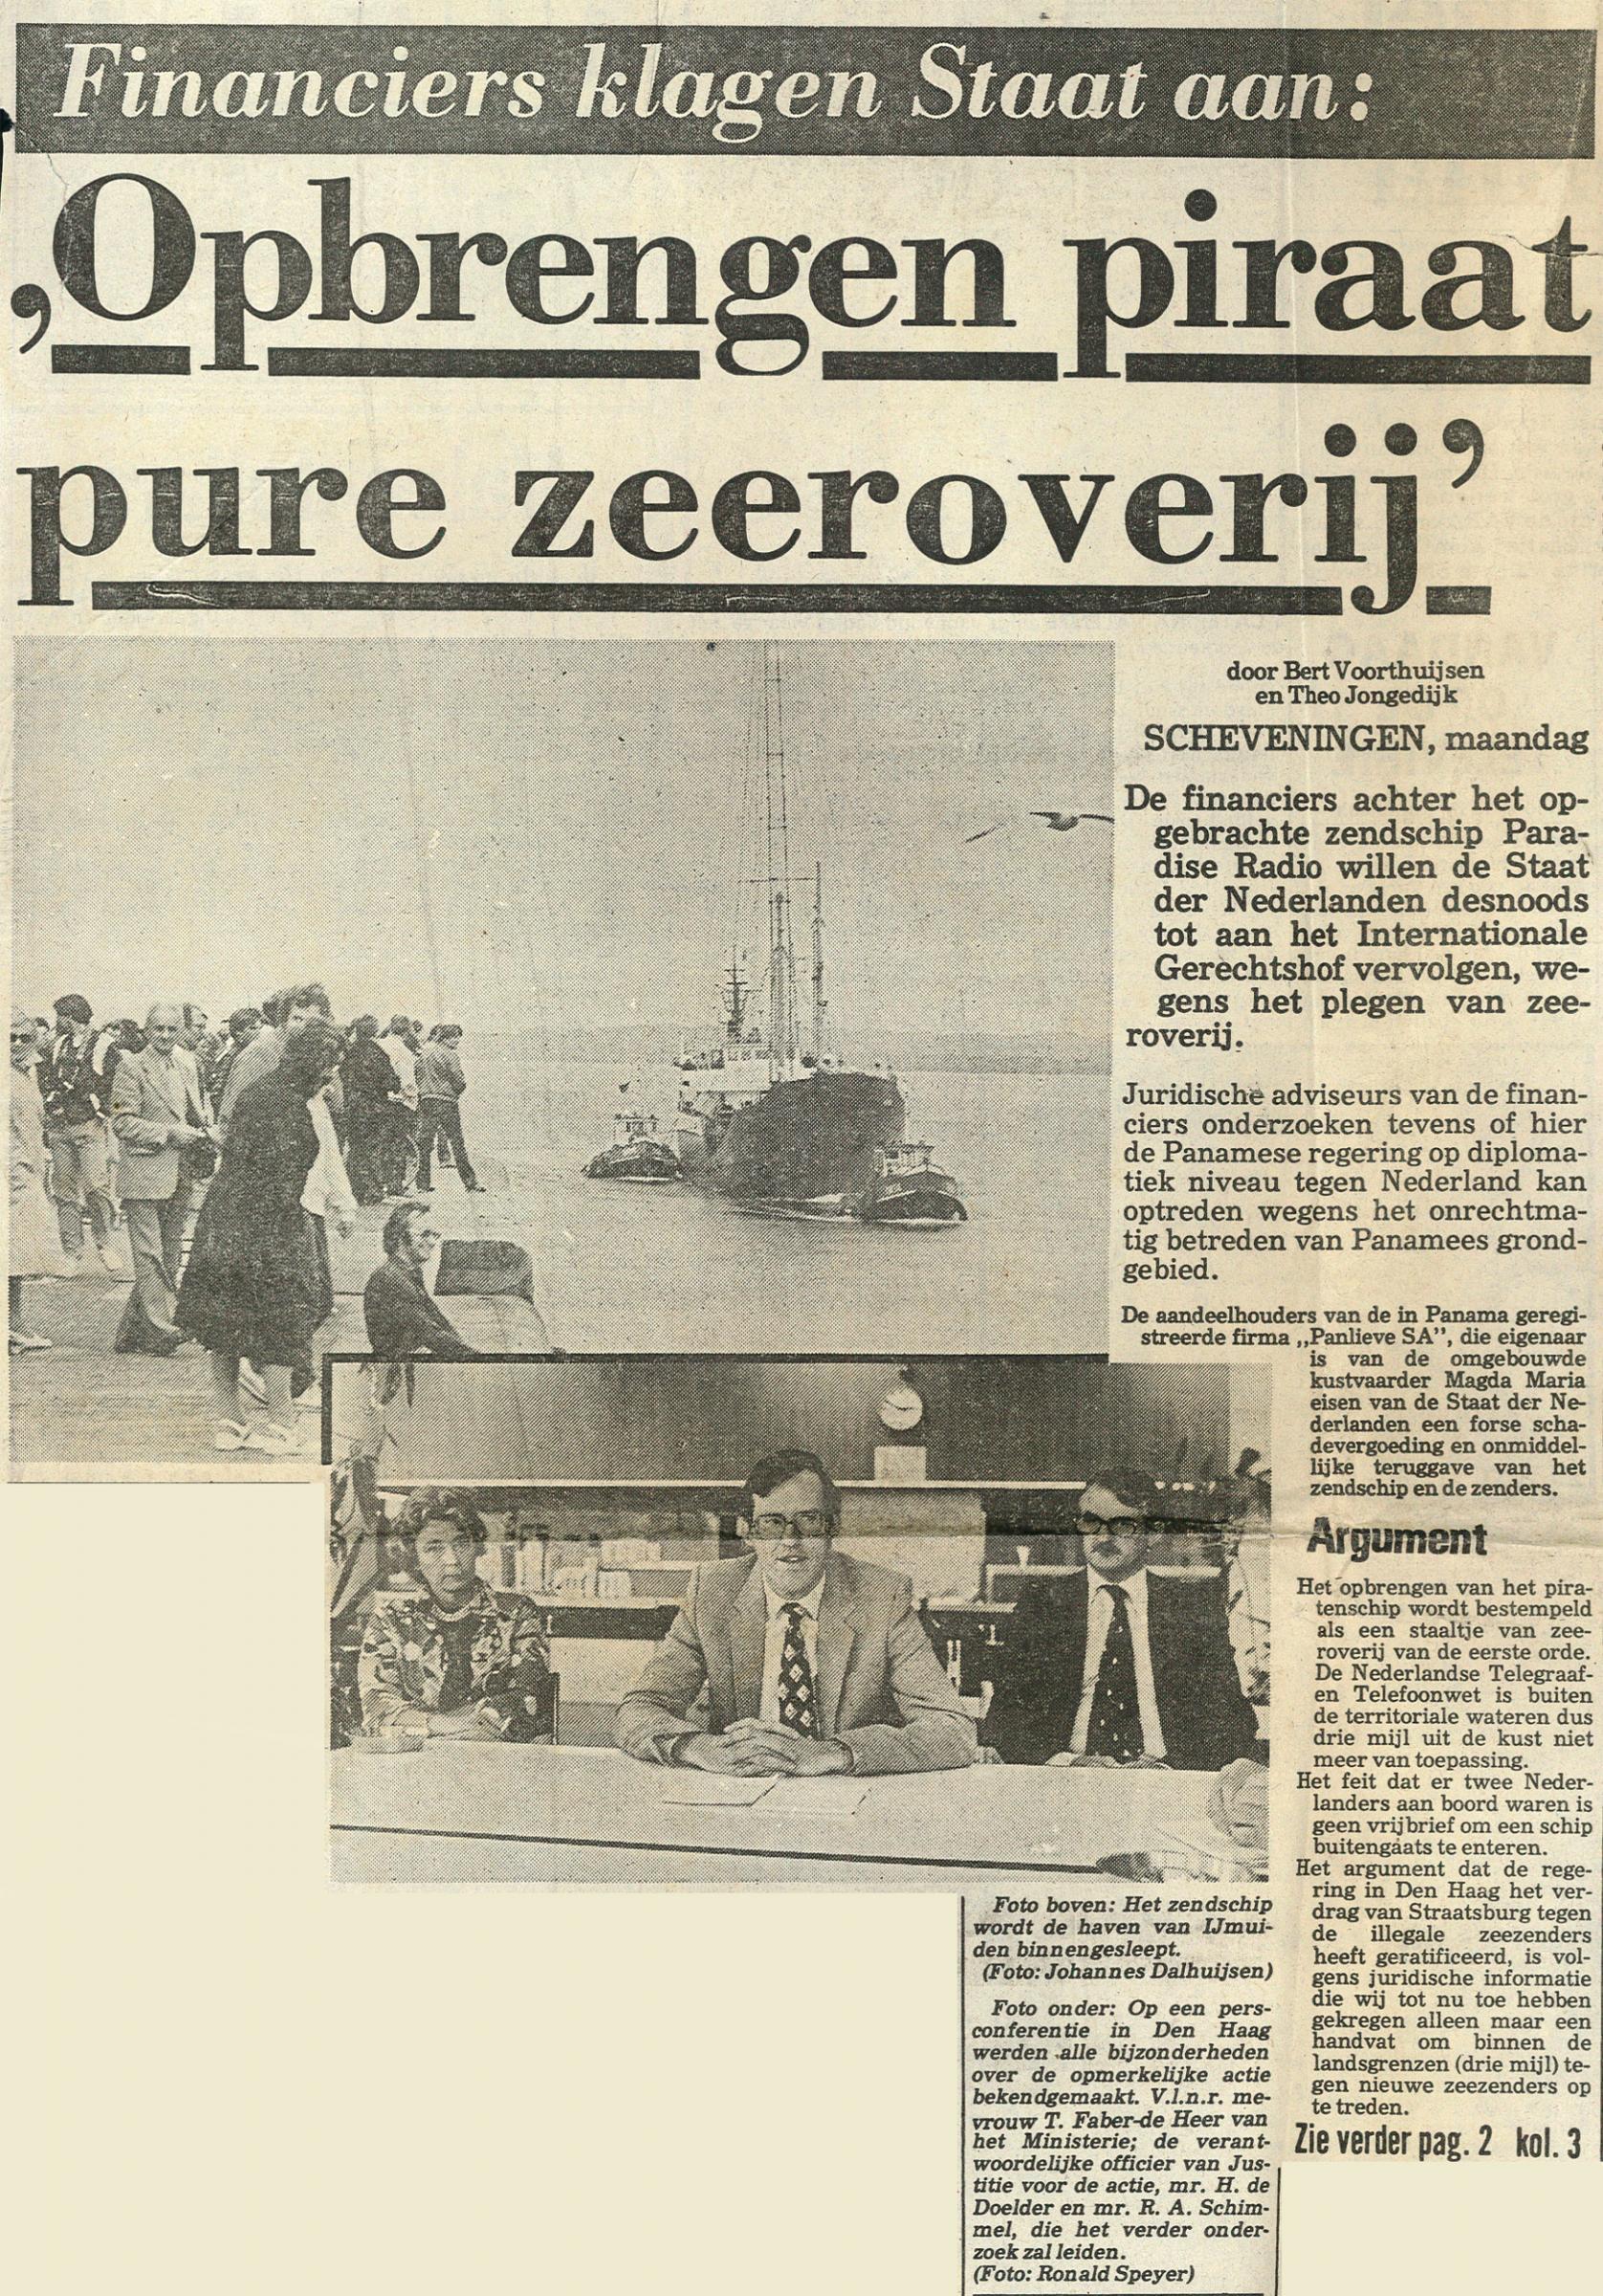 19810803_Telegraaf opbrengen piraat pure zeeroverij01.jpg